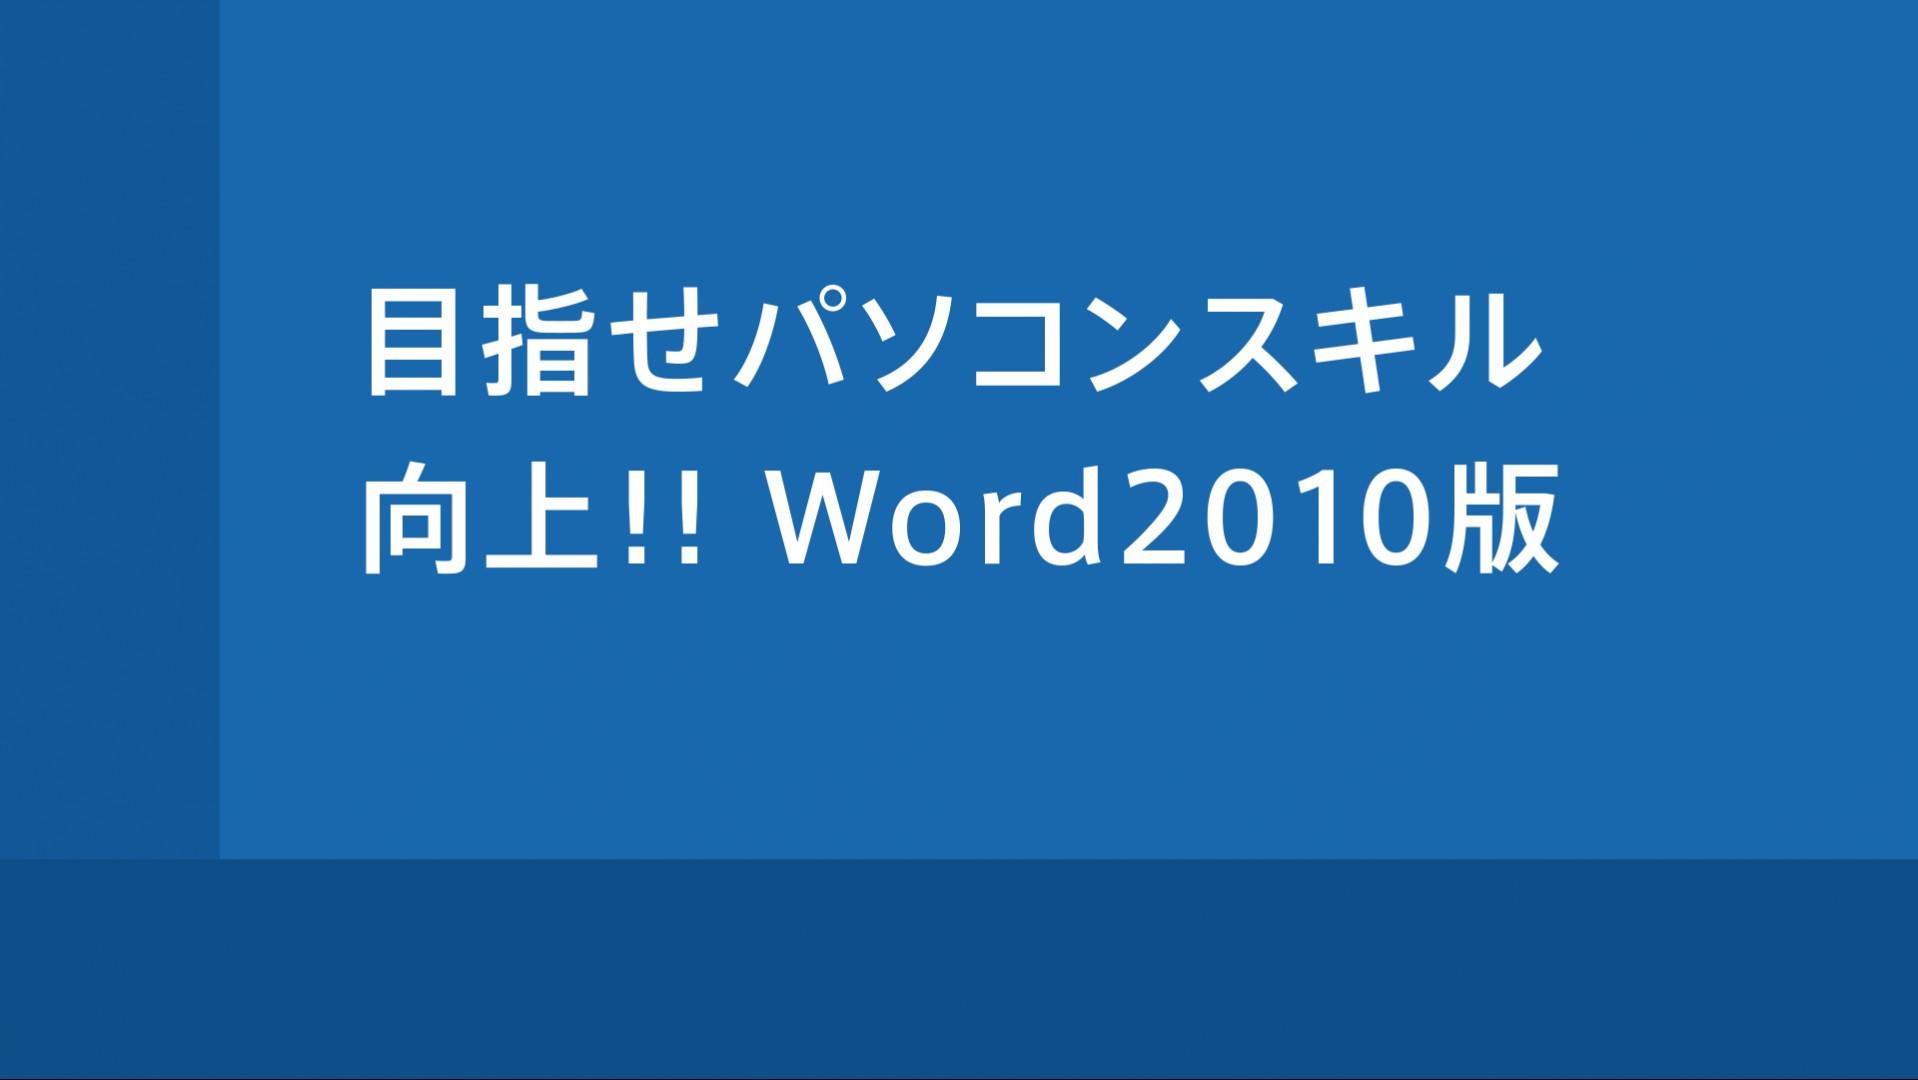 記号を入力する方法 Word2010